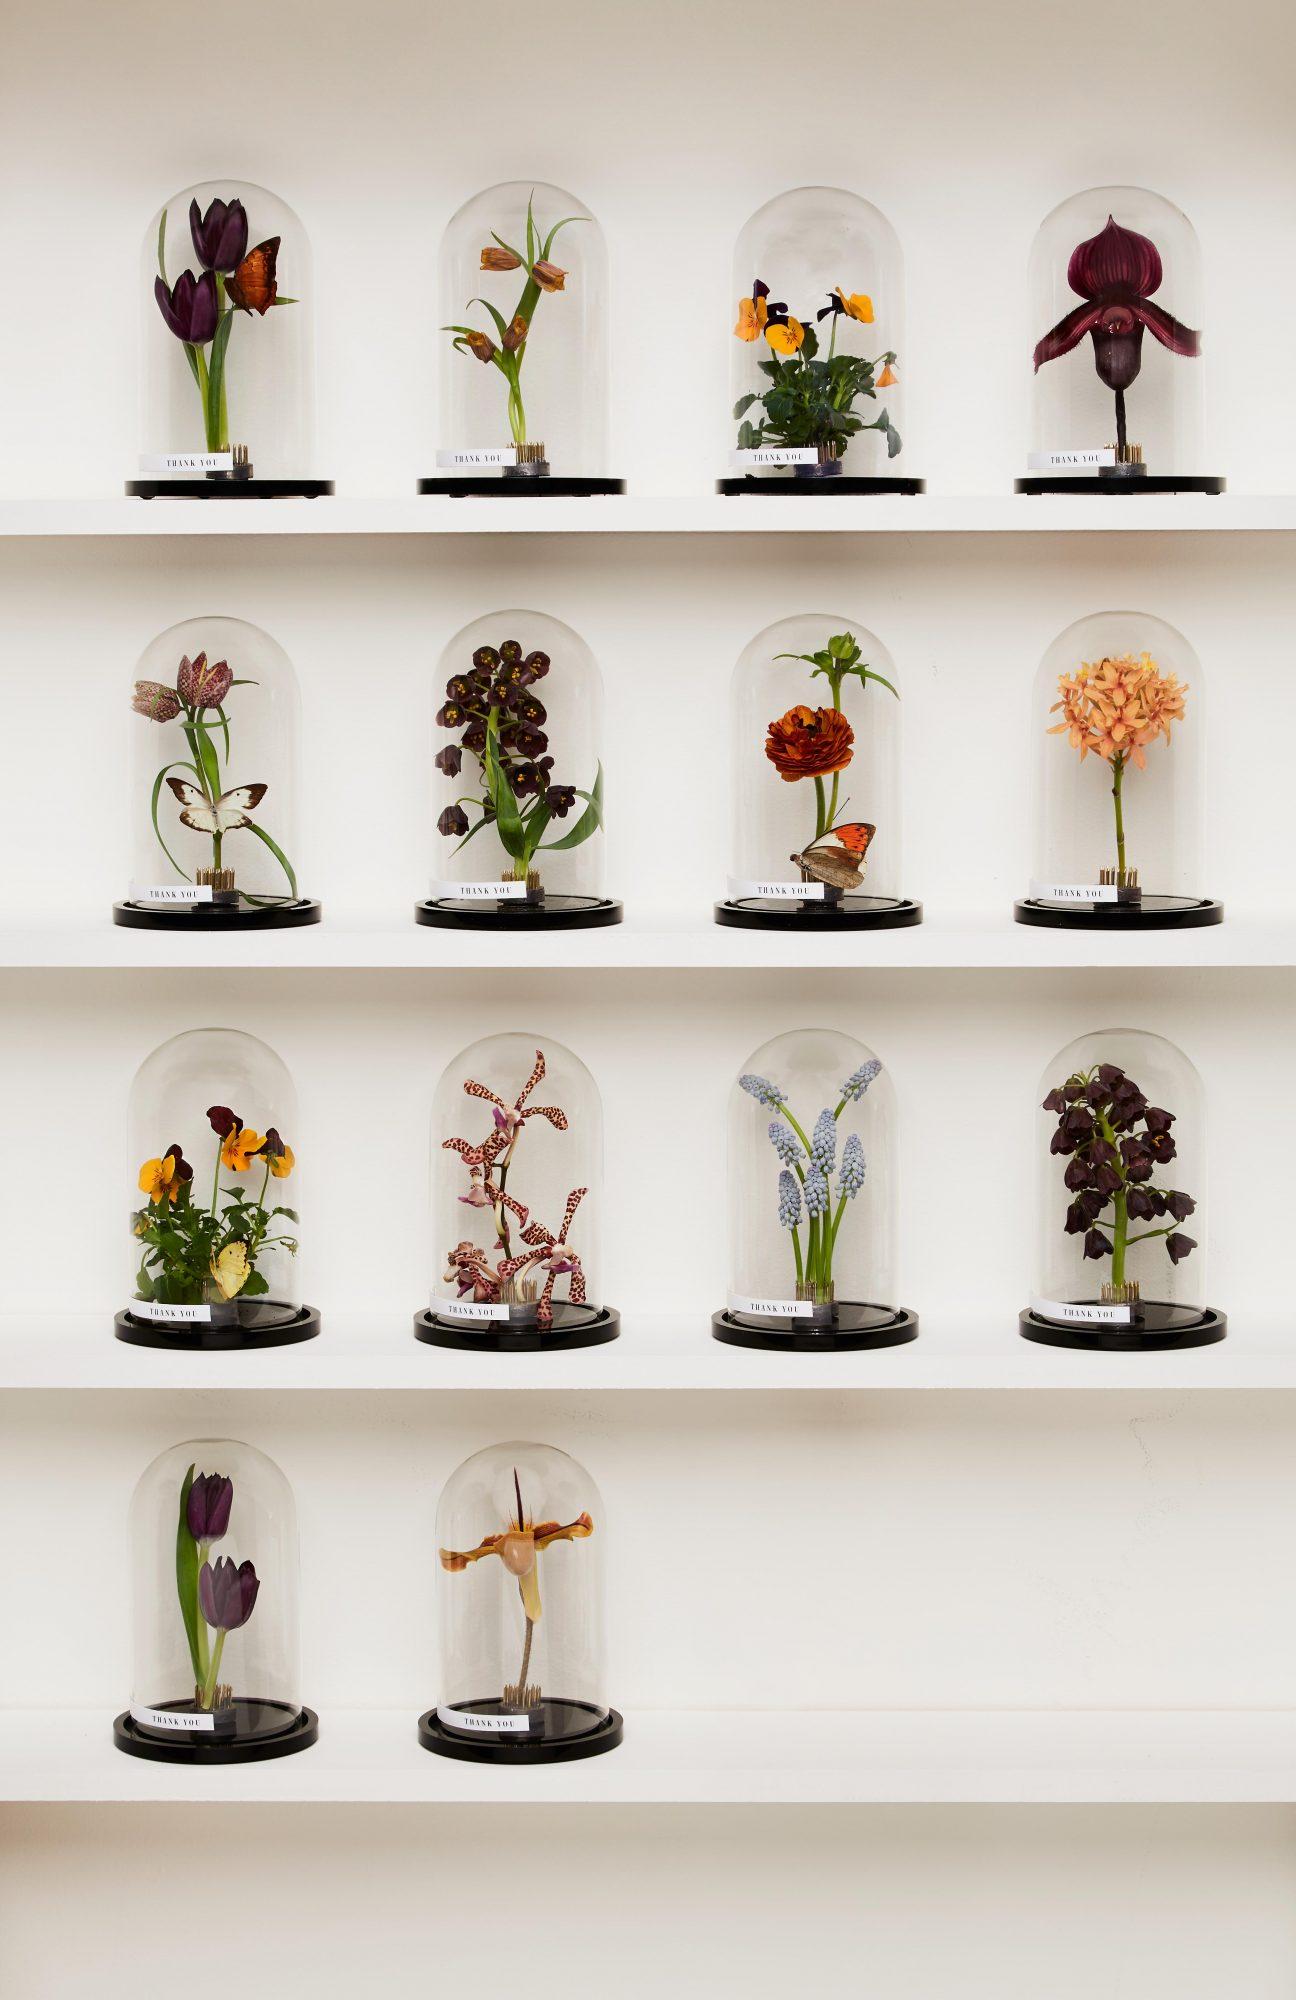 Flower specimens